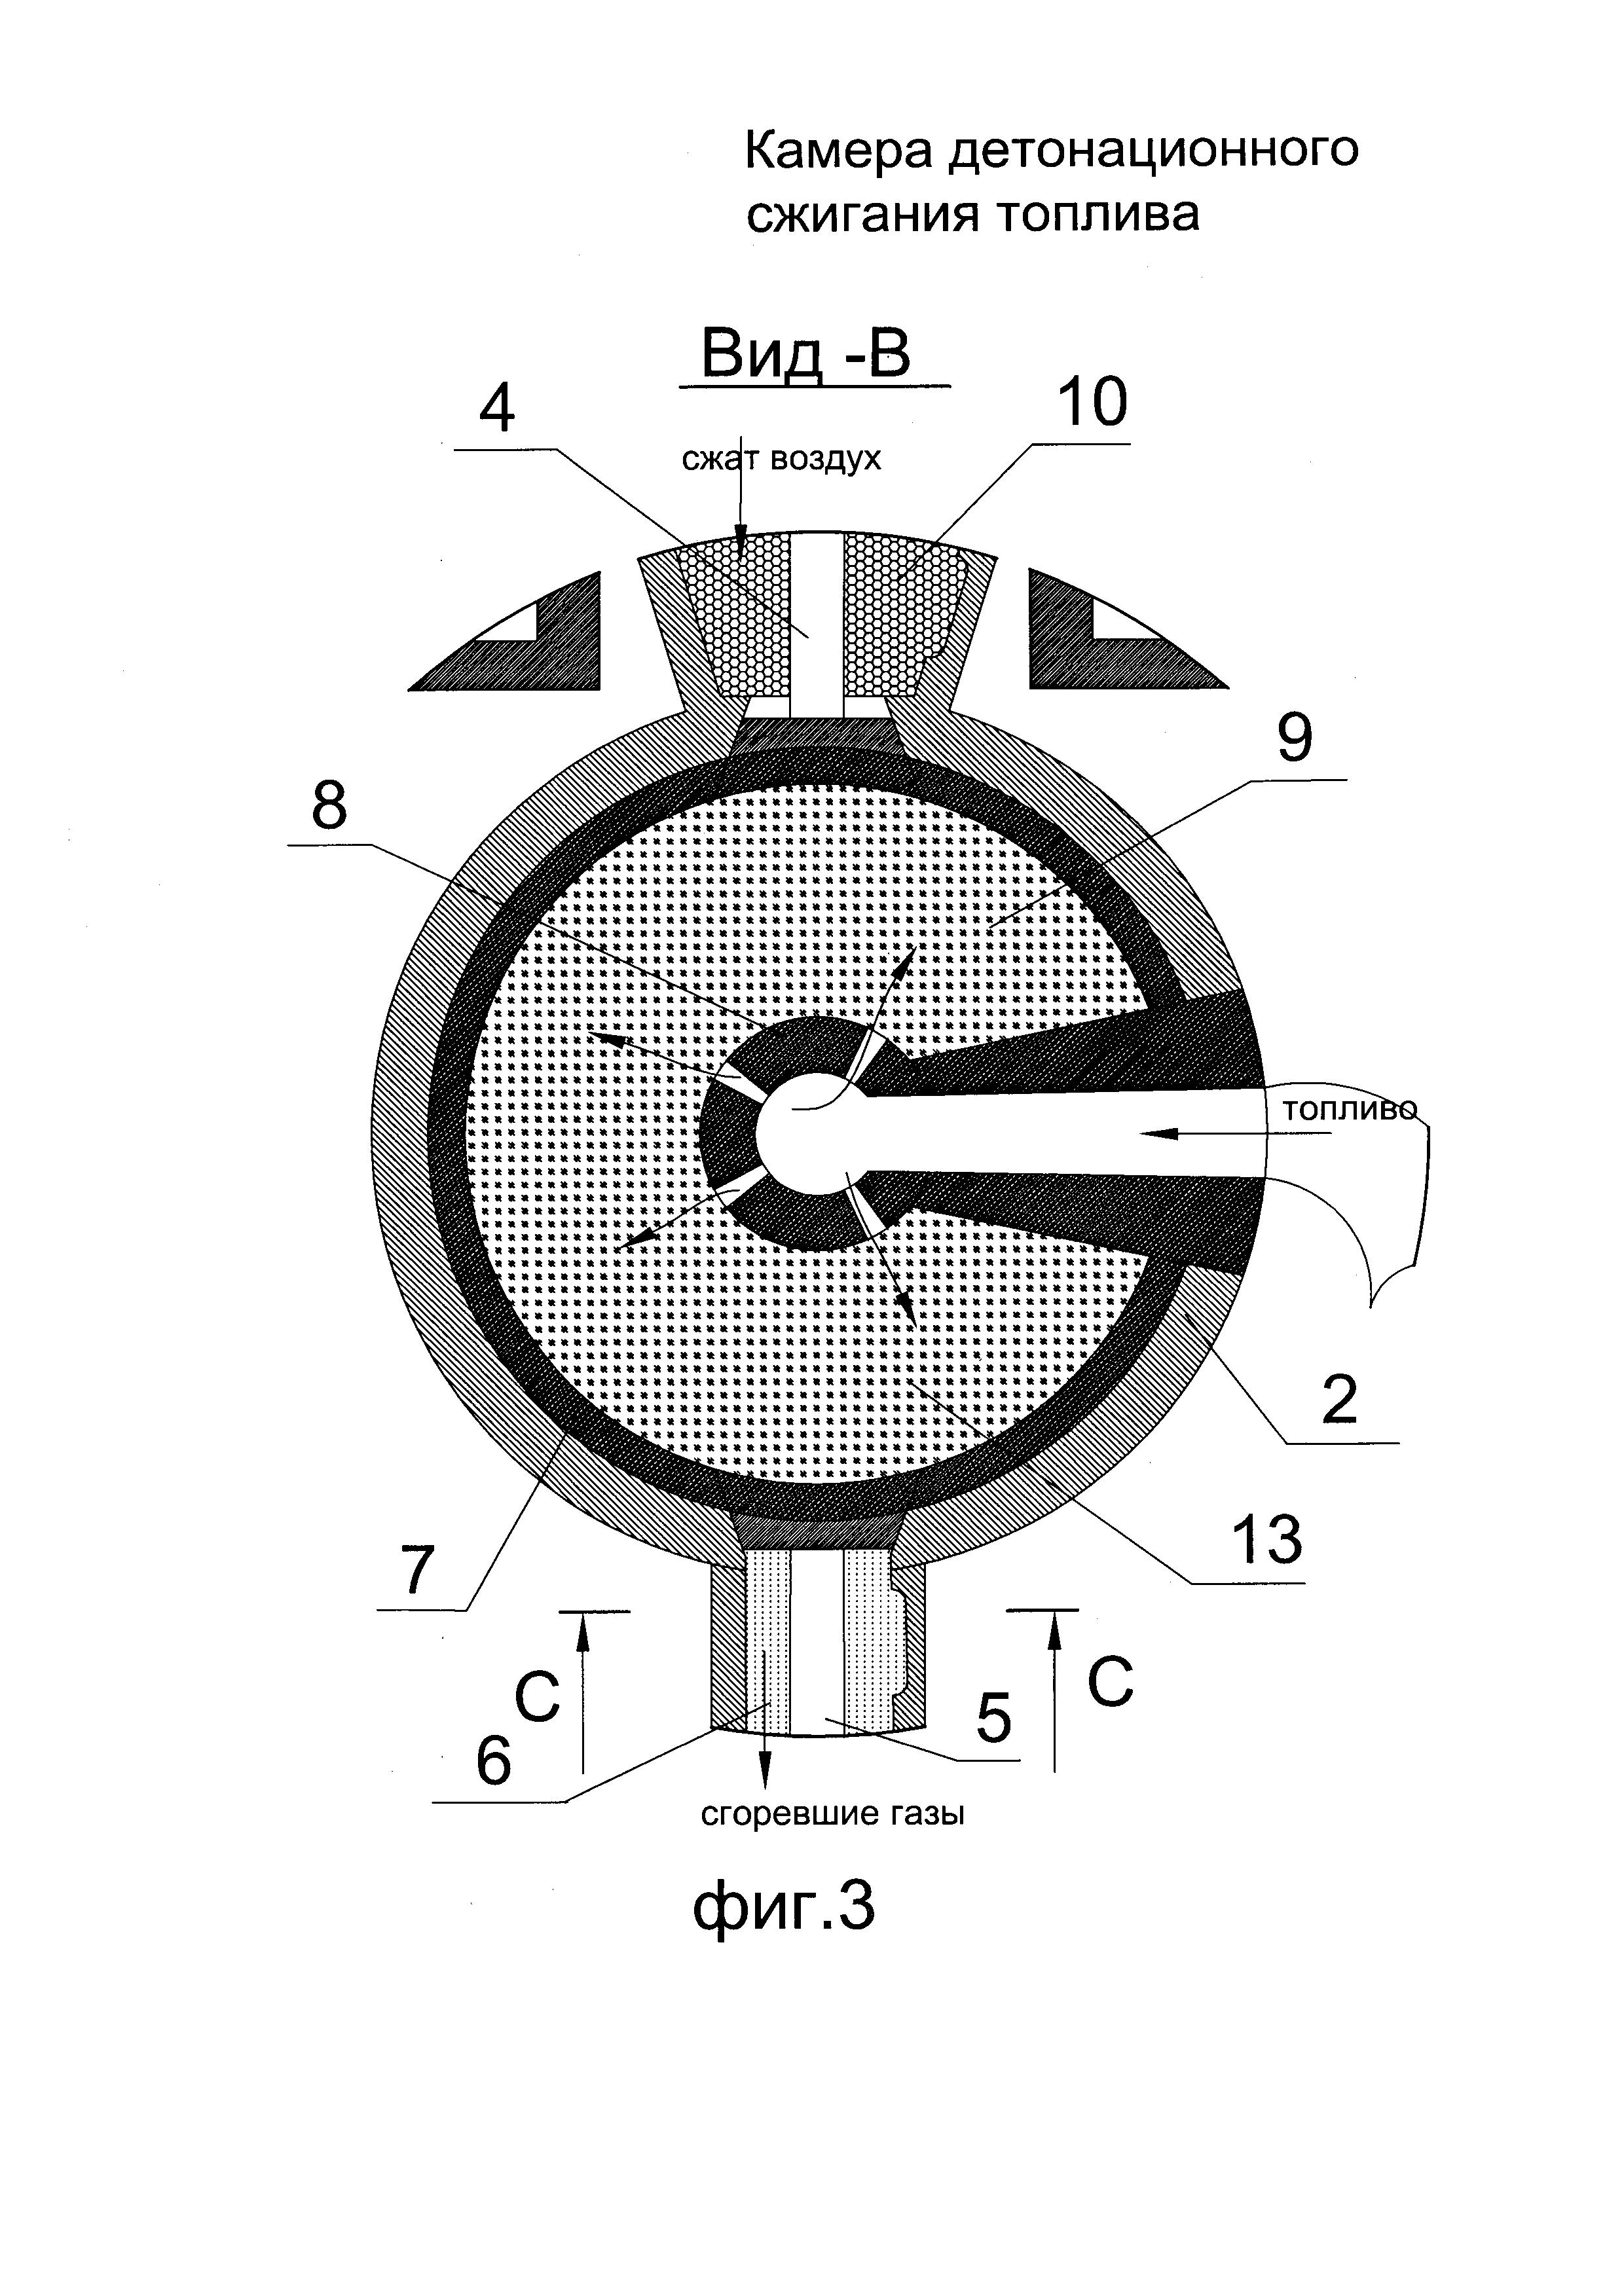 Камера детонационного сжигания топлива (варианты)